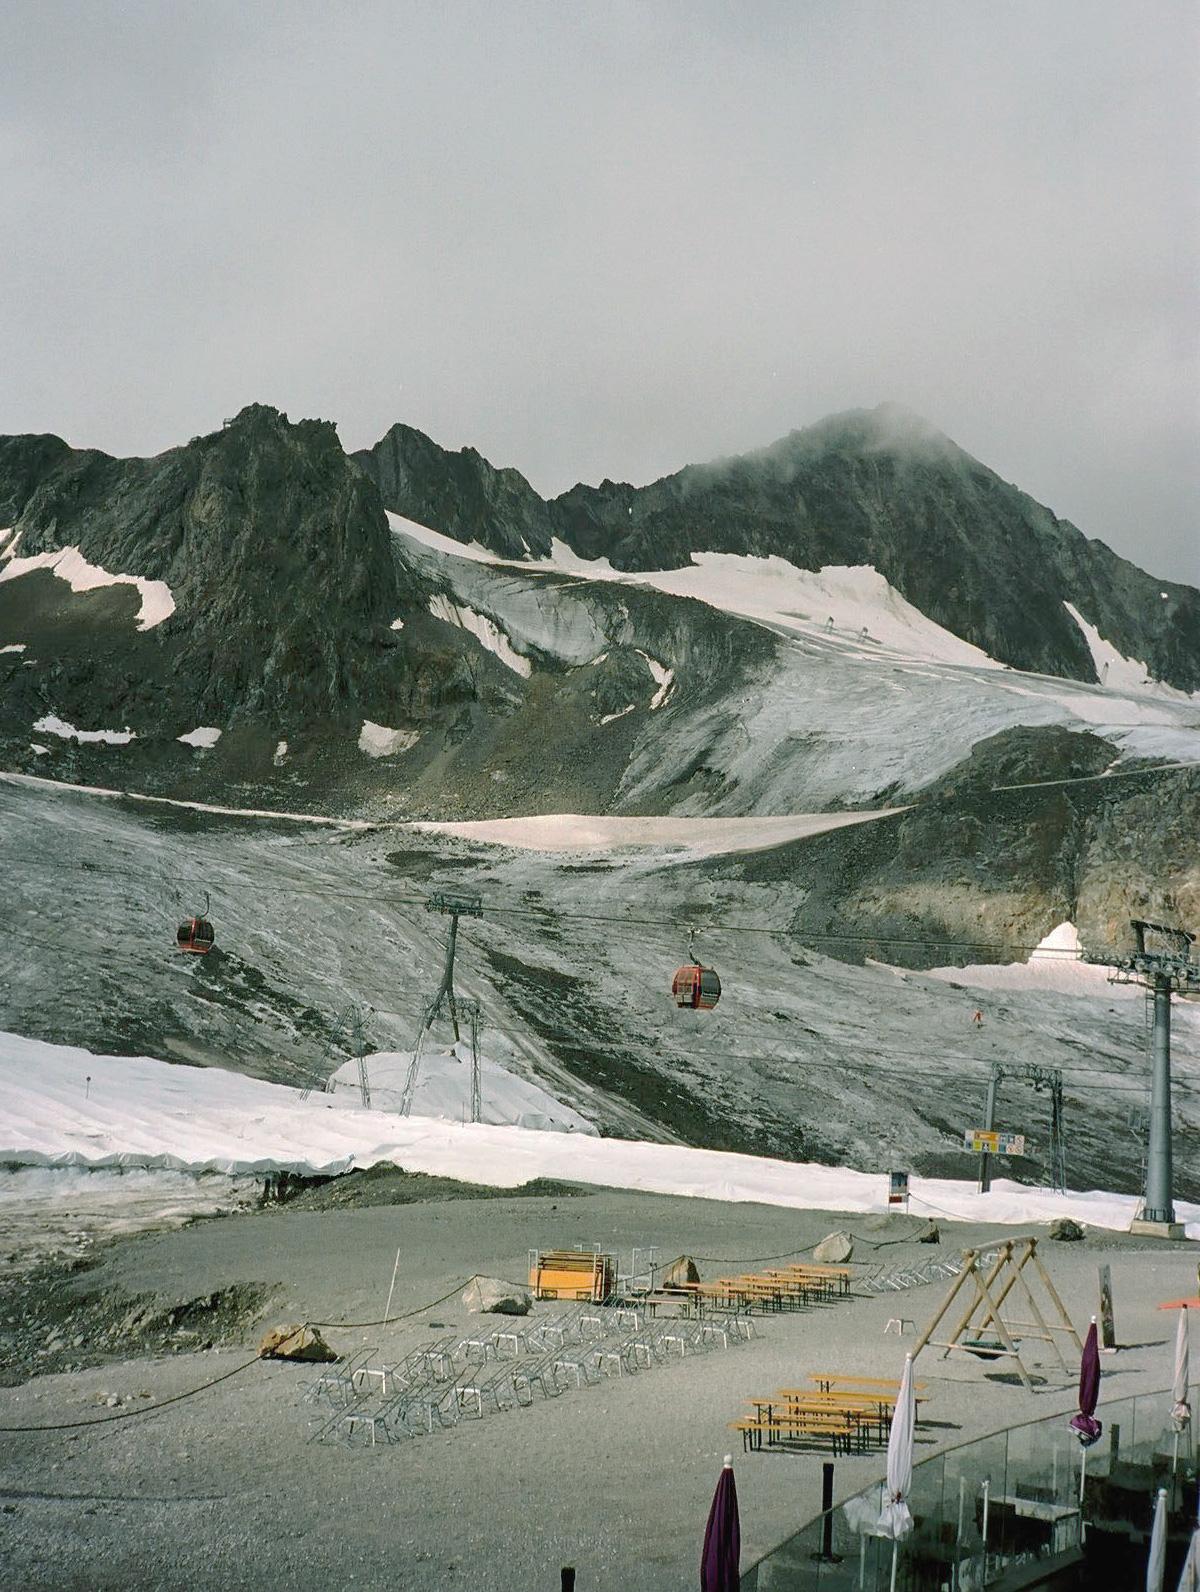 Blick auf den Stubaier Gletscher